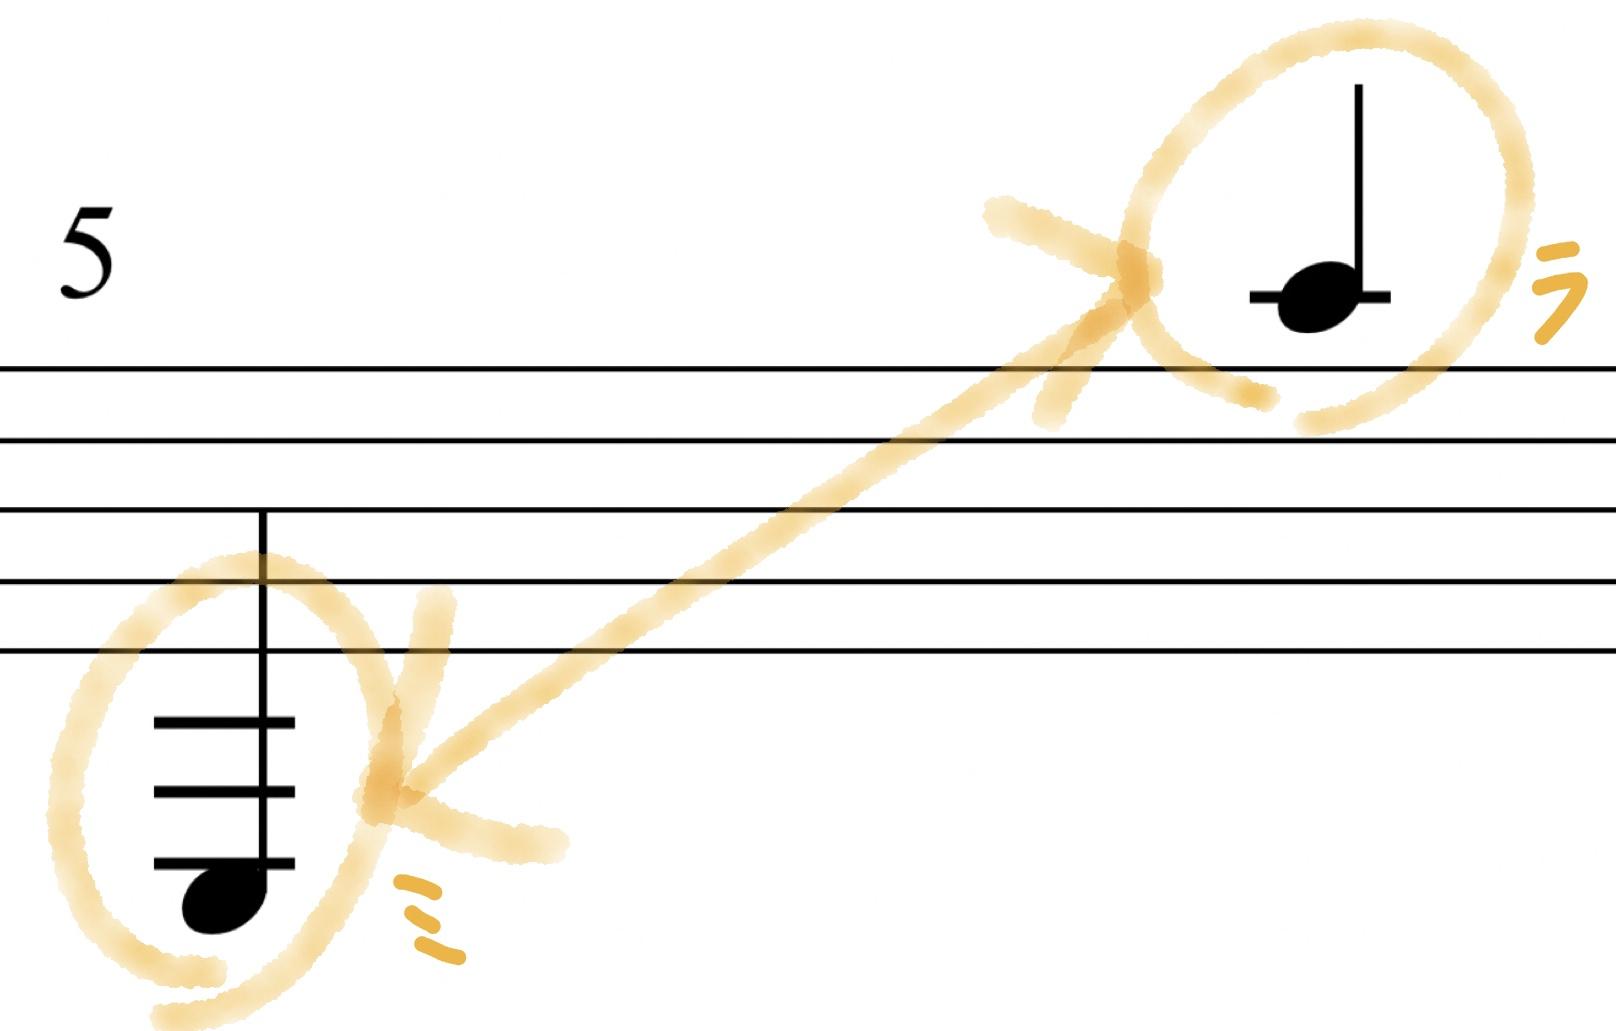 ハンドオルゴールの楽譜の作り方 移調編(過去の自分自身に教えてあげたい)